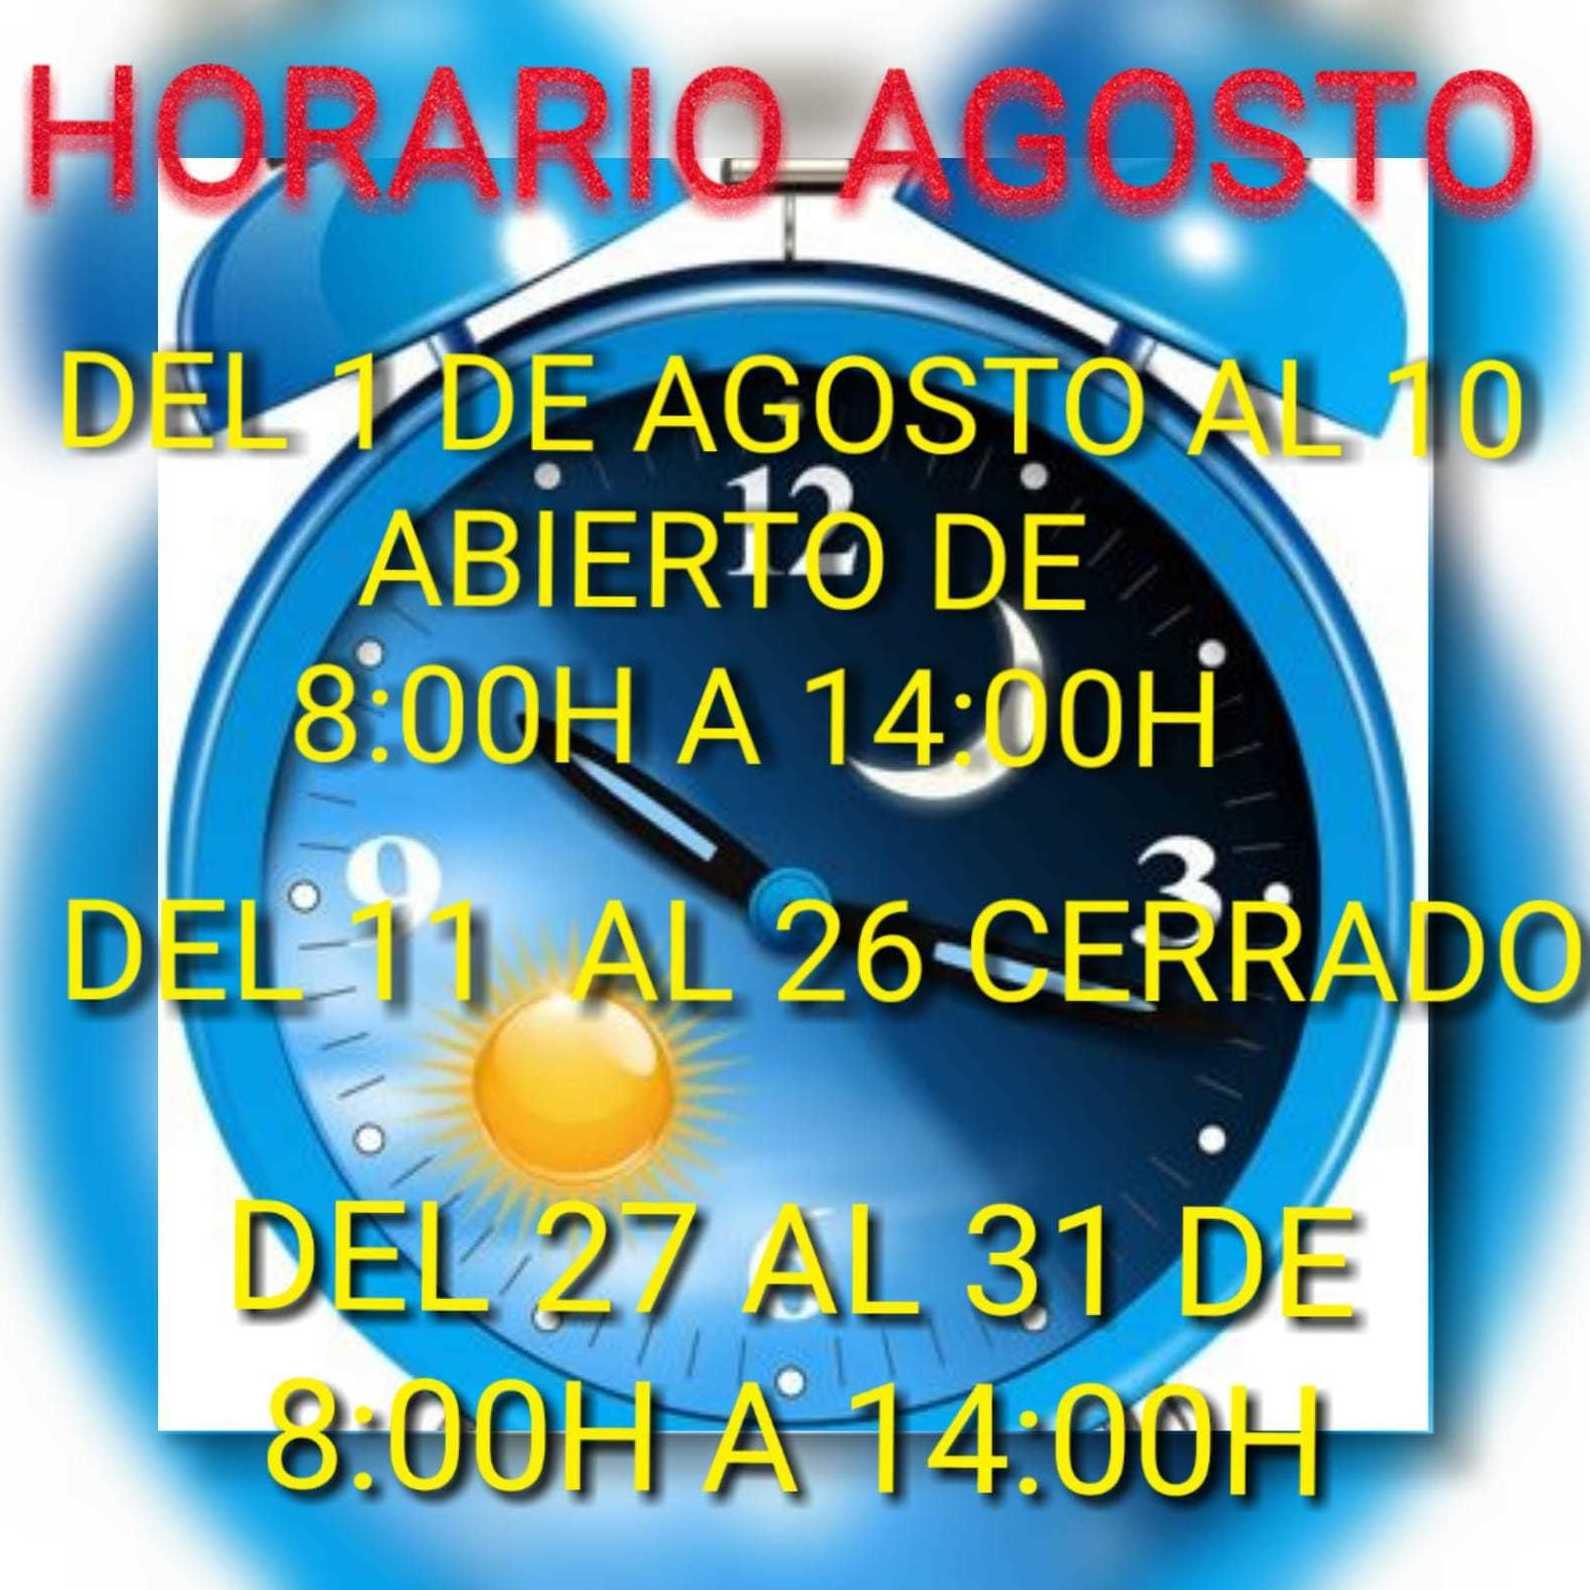 Horario Agosto!!!